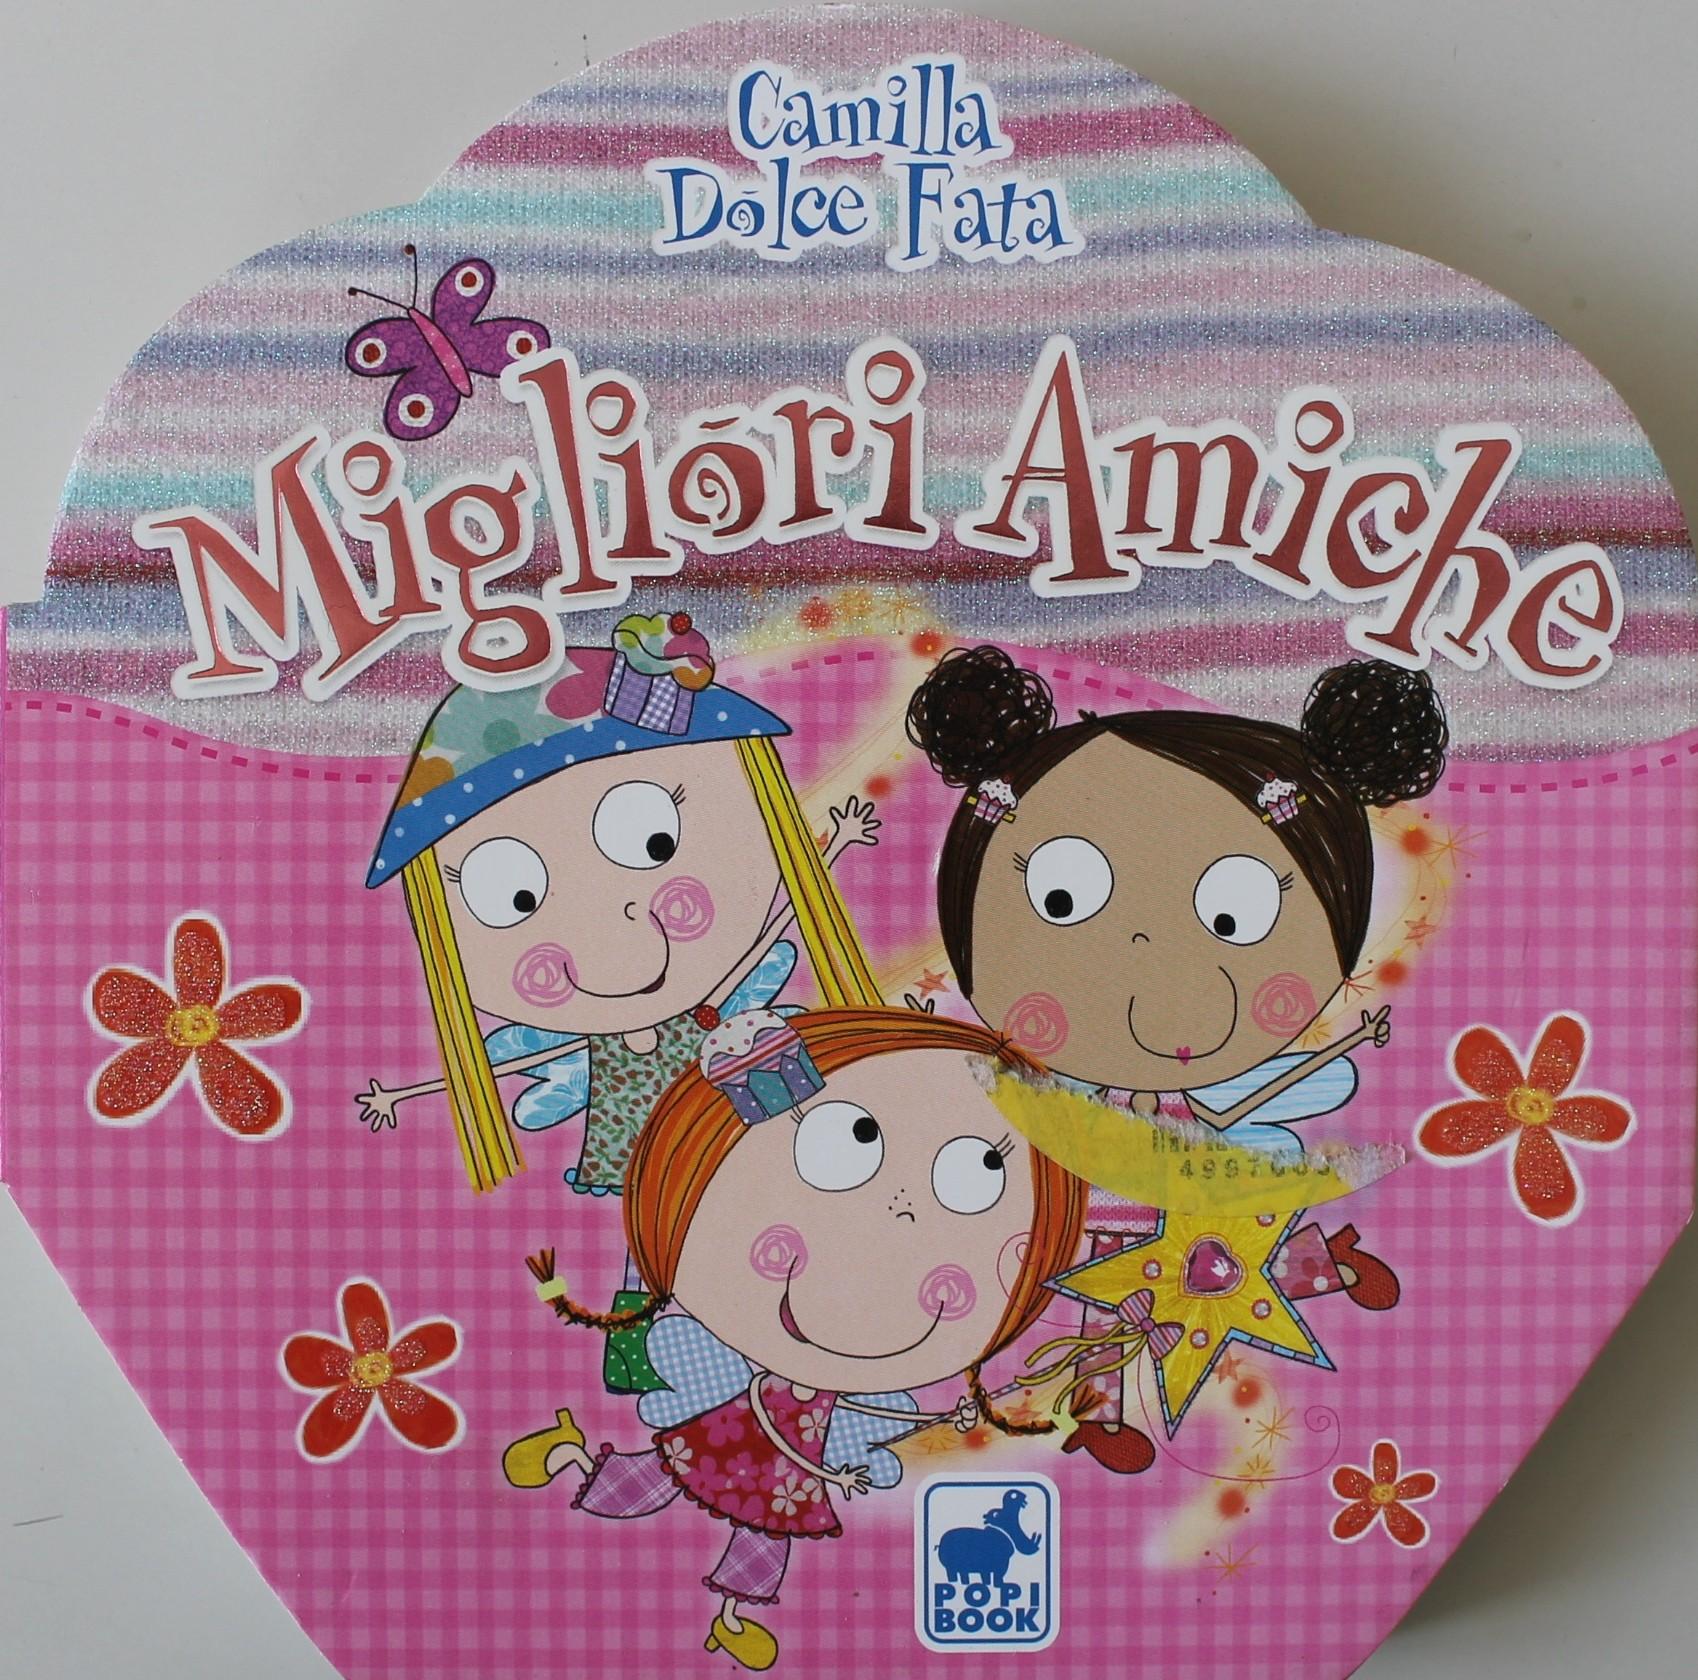 MIGLIORI AMICHE